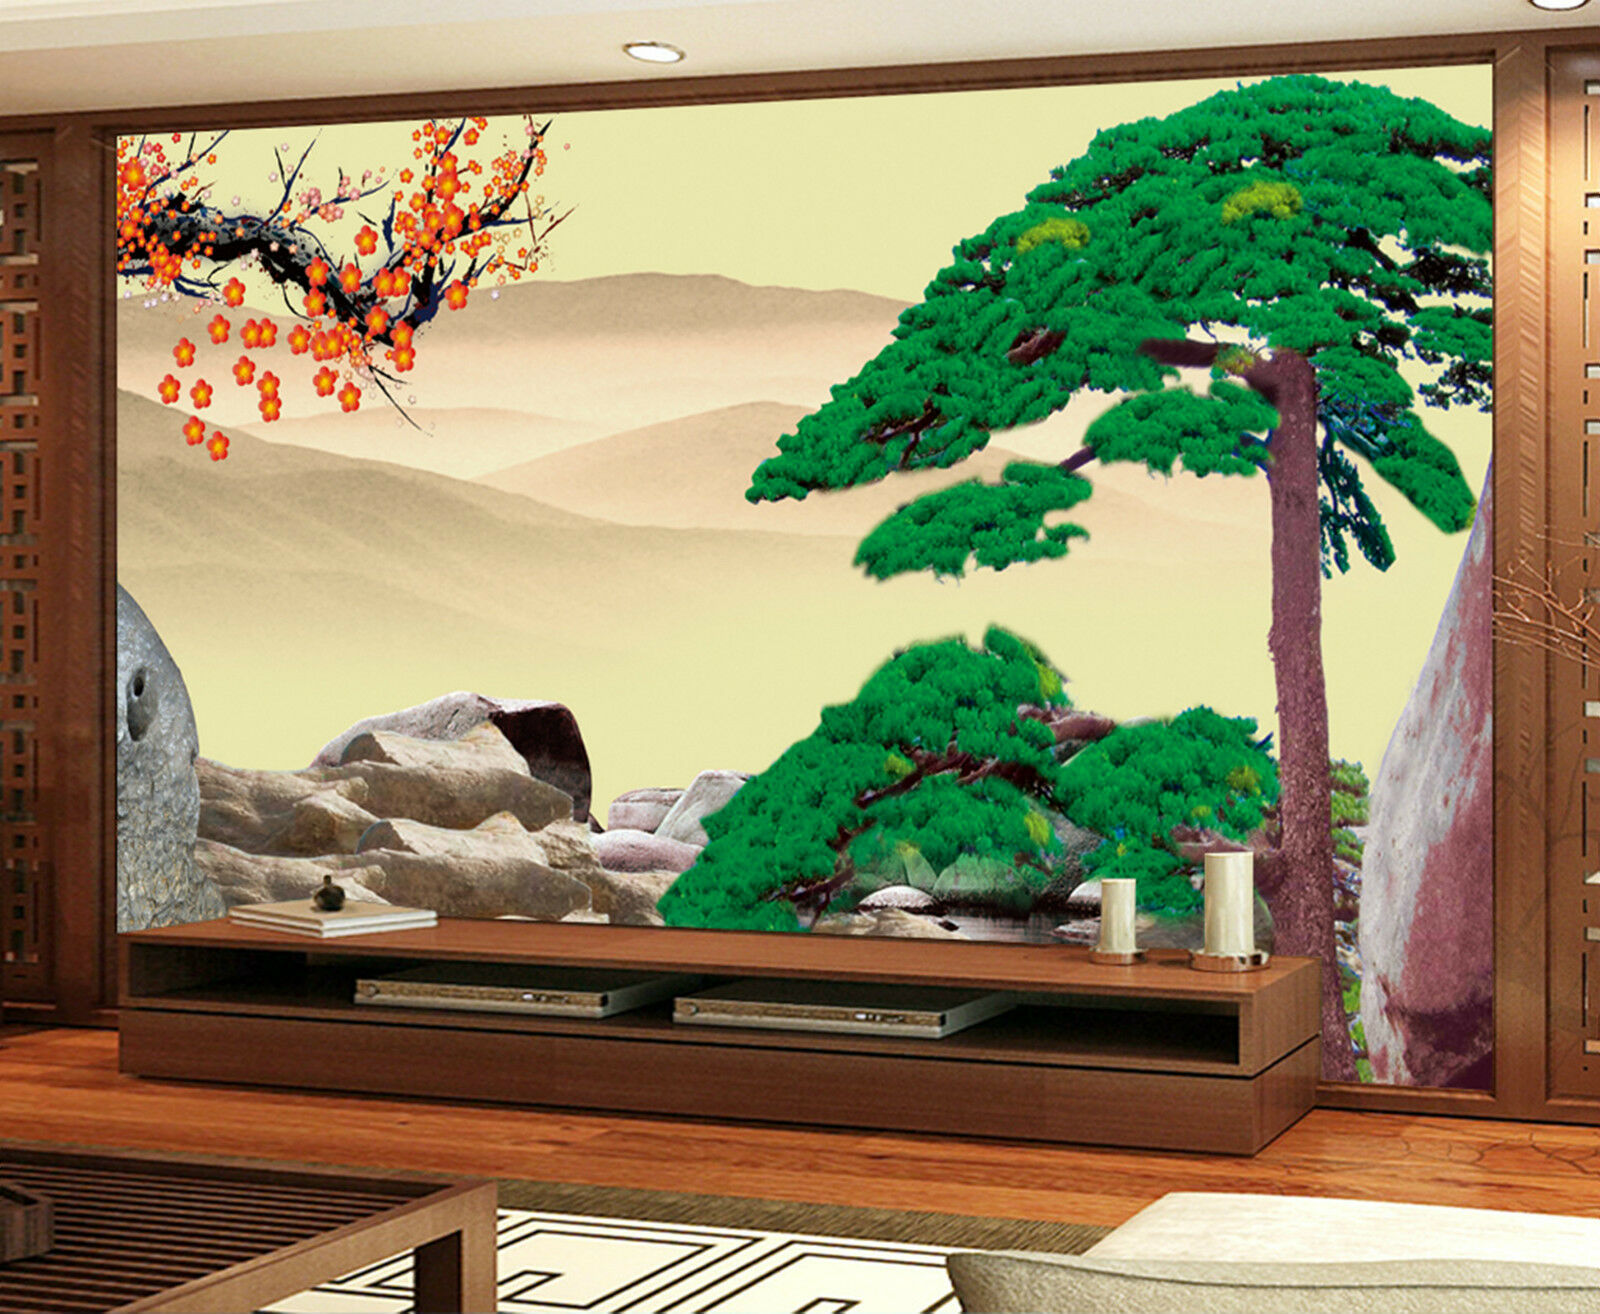 3D kiefern 3432 Fototapeten Wandbild Fototapete Bild Tapete Familie Kinder DE